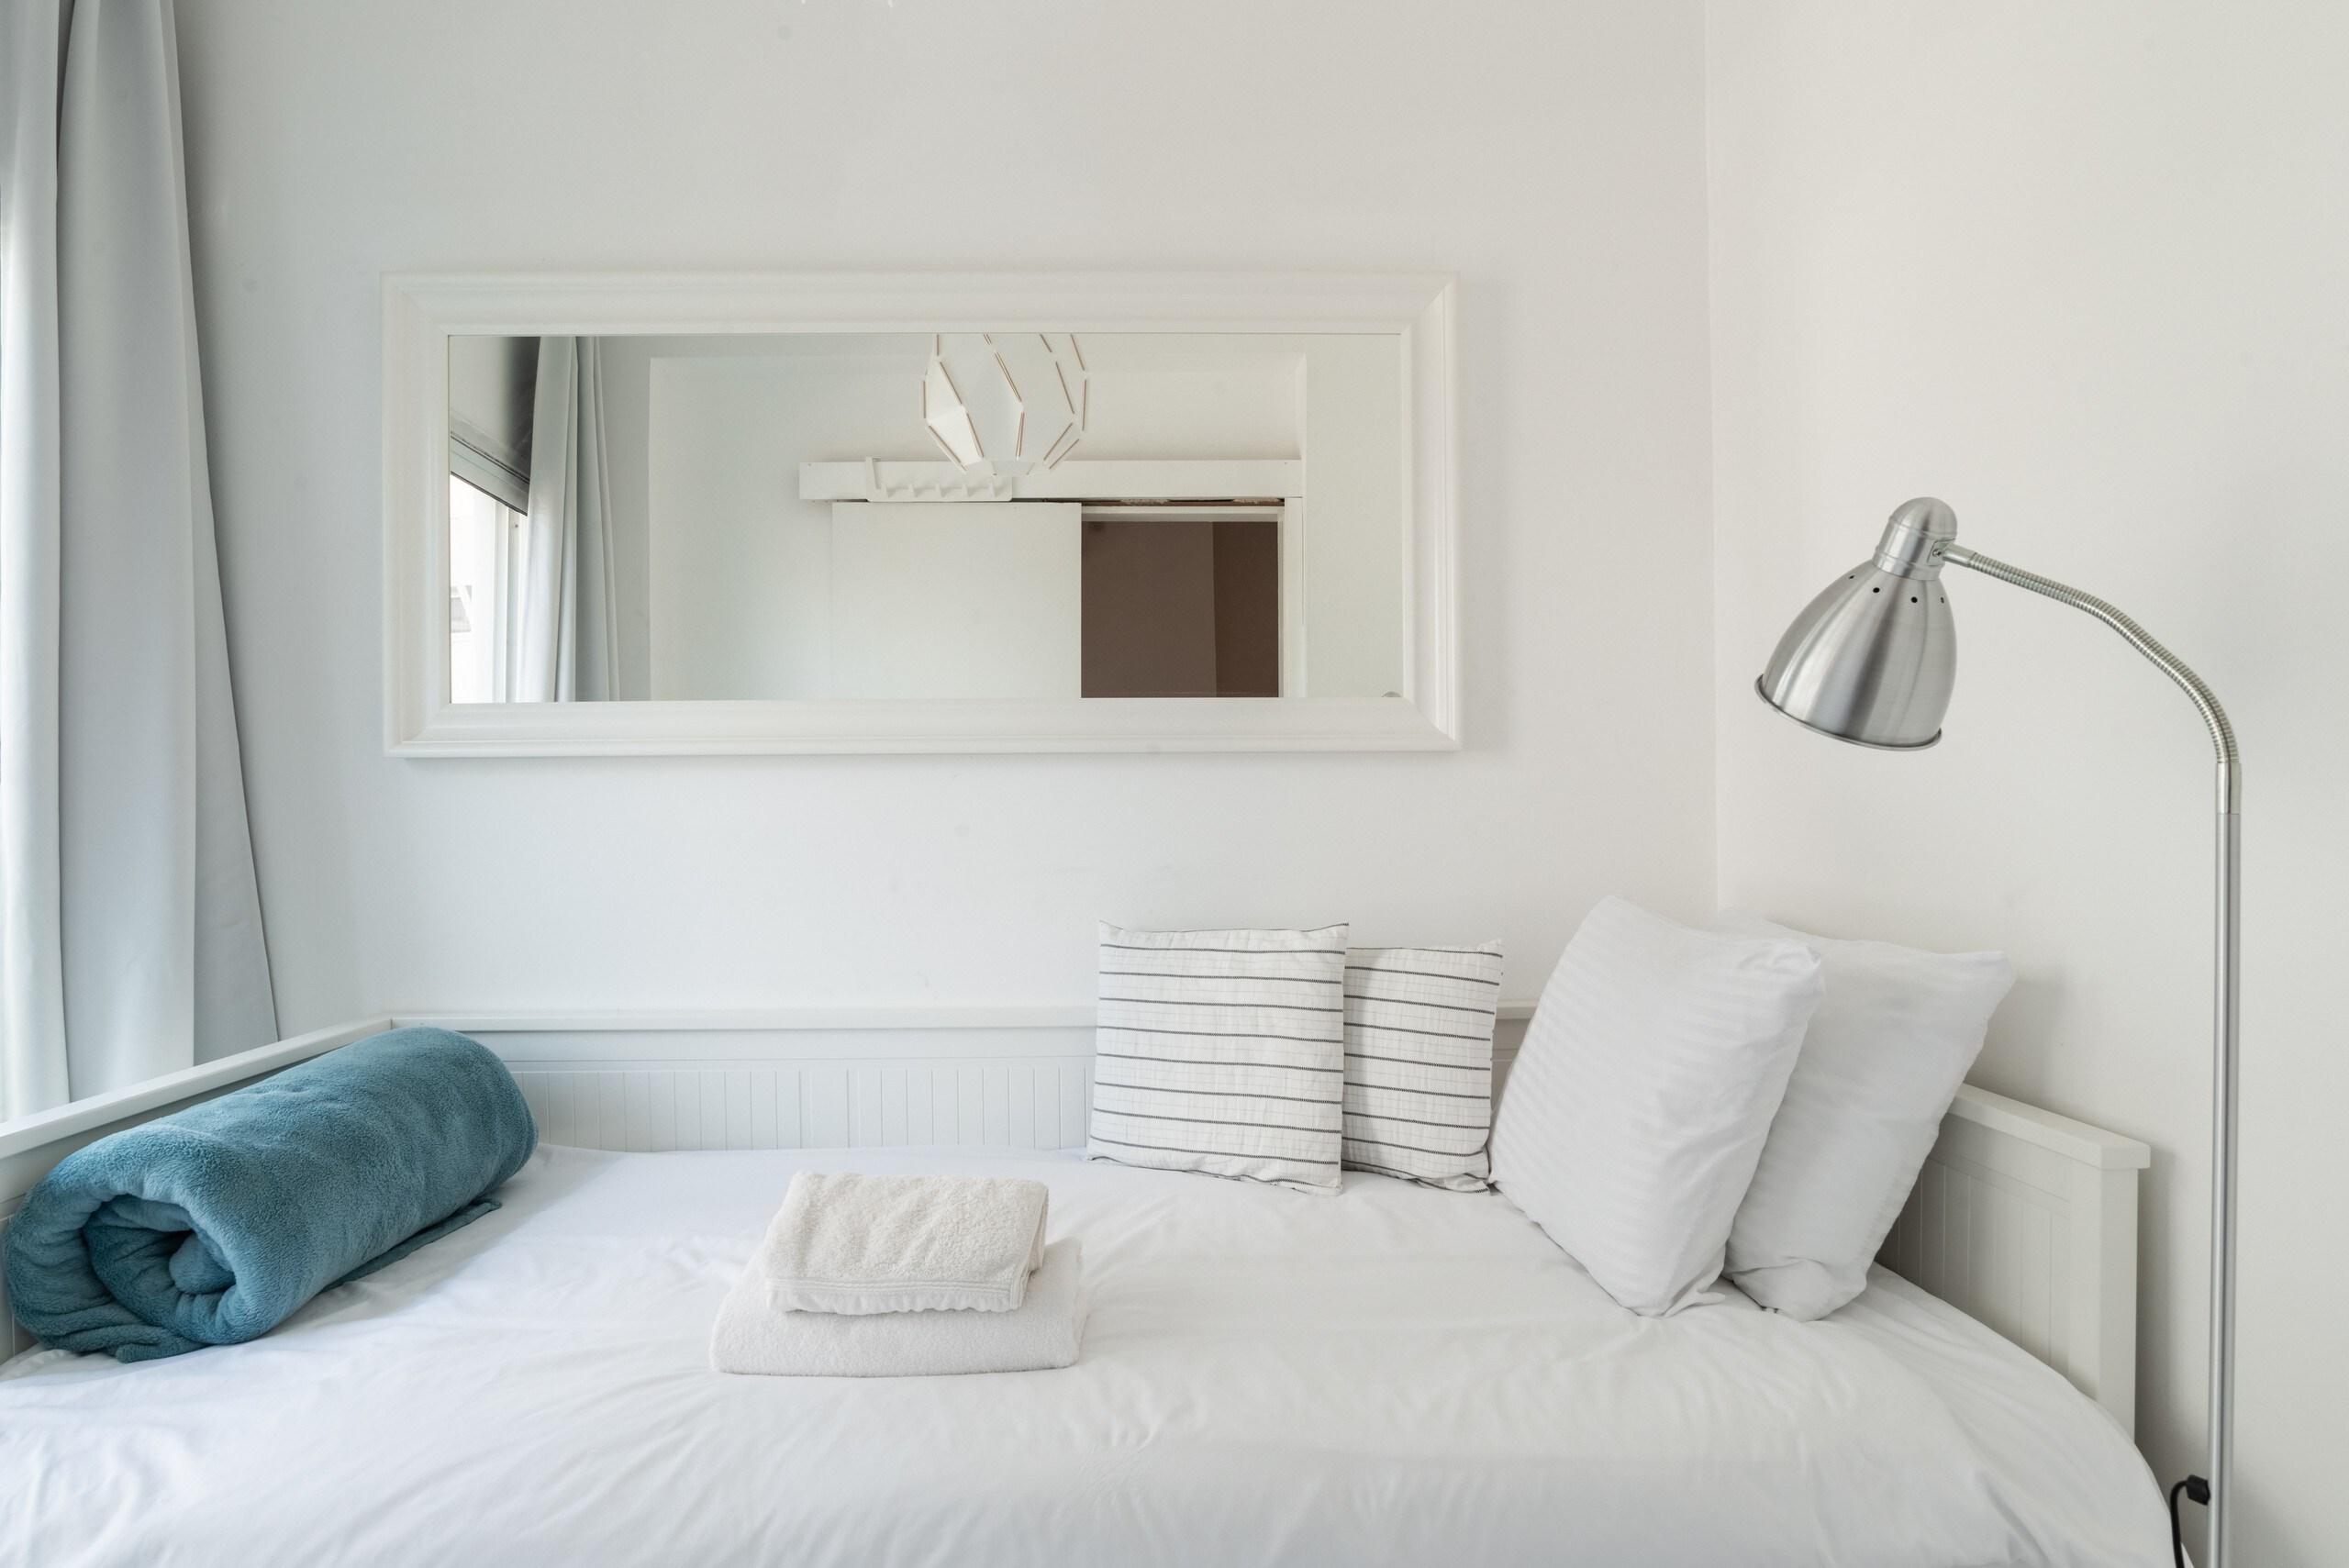 Sea View 2 bedroom apartment next to Hilton beach photo 21105485